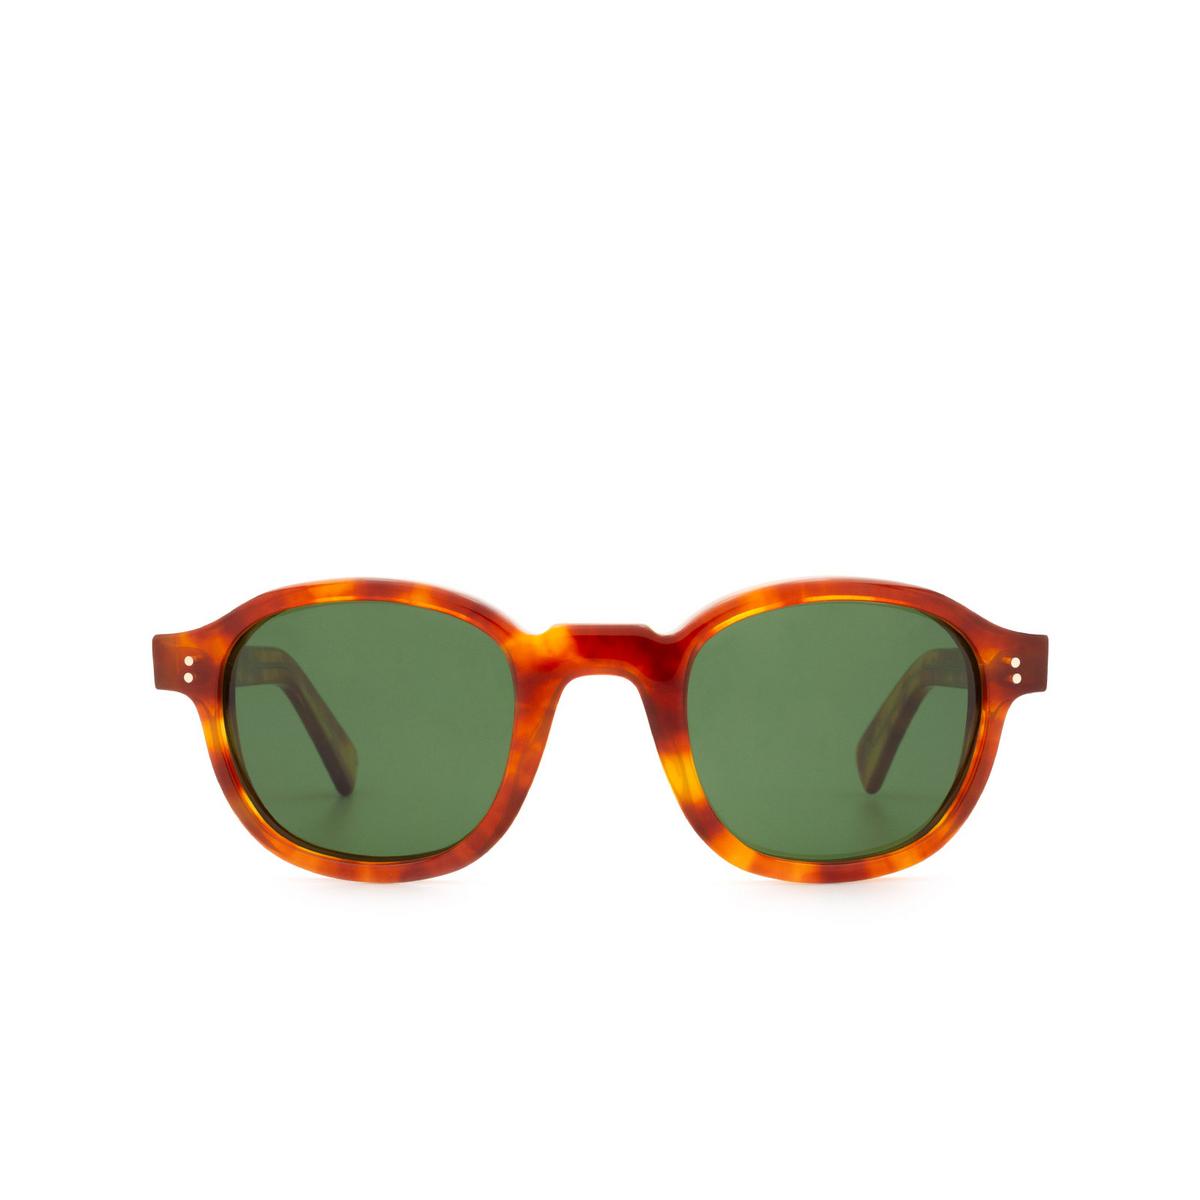 Lesca® Square Sunglasses: BRUT PANTO 8MM color Havana 12.